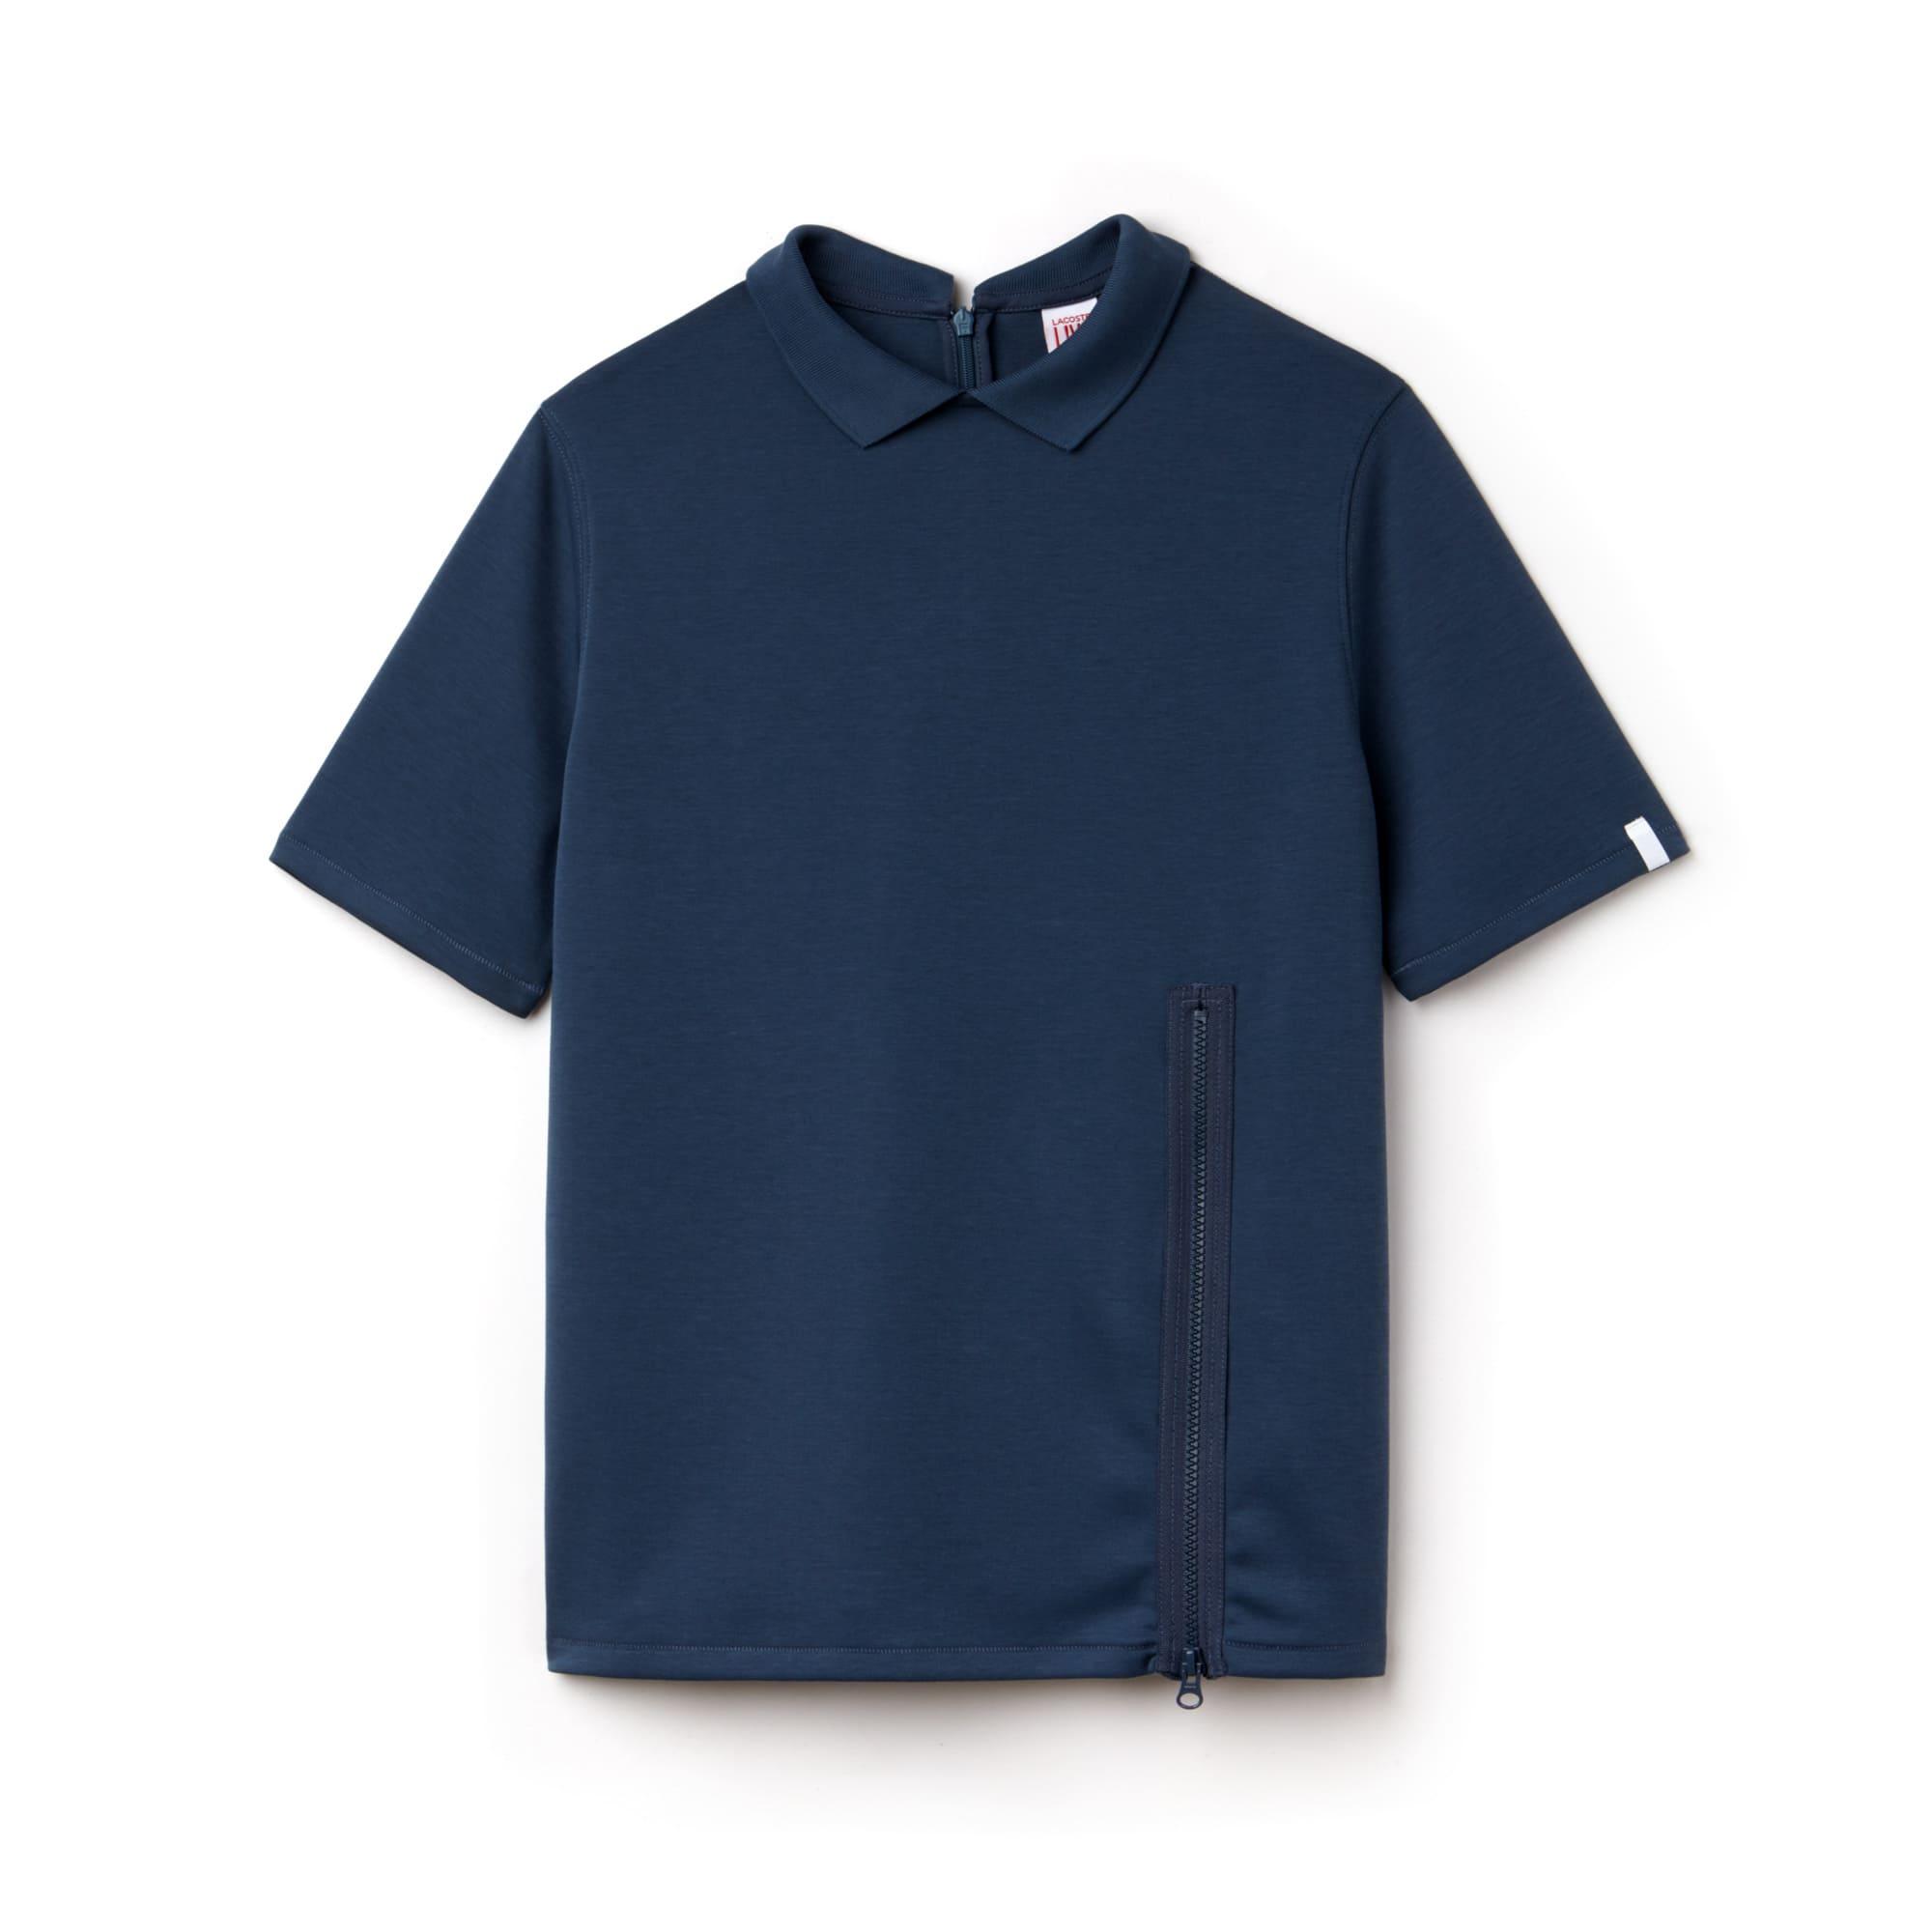 Polo Lacoste LIVE in jersey tinta unita dotata di chiusura con zip